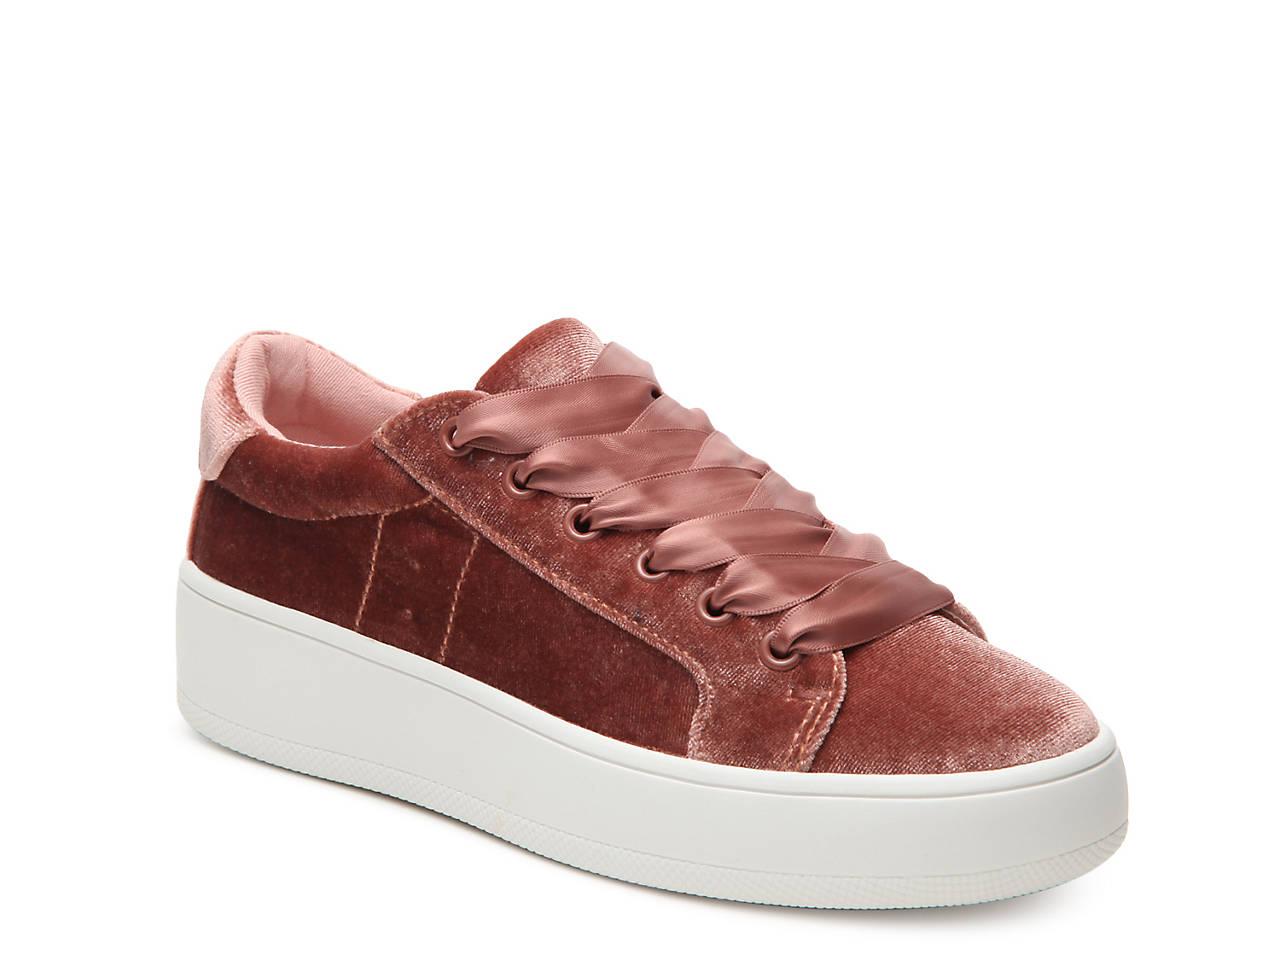 Steve Madden Bertie Blush Velvet Sneakers AKSVFHW